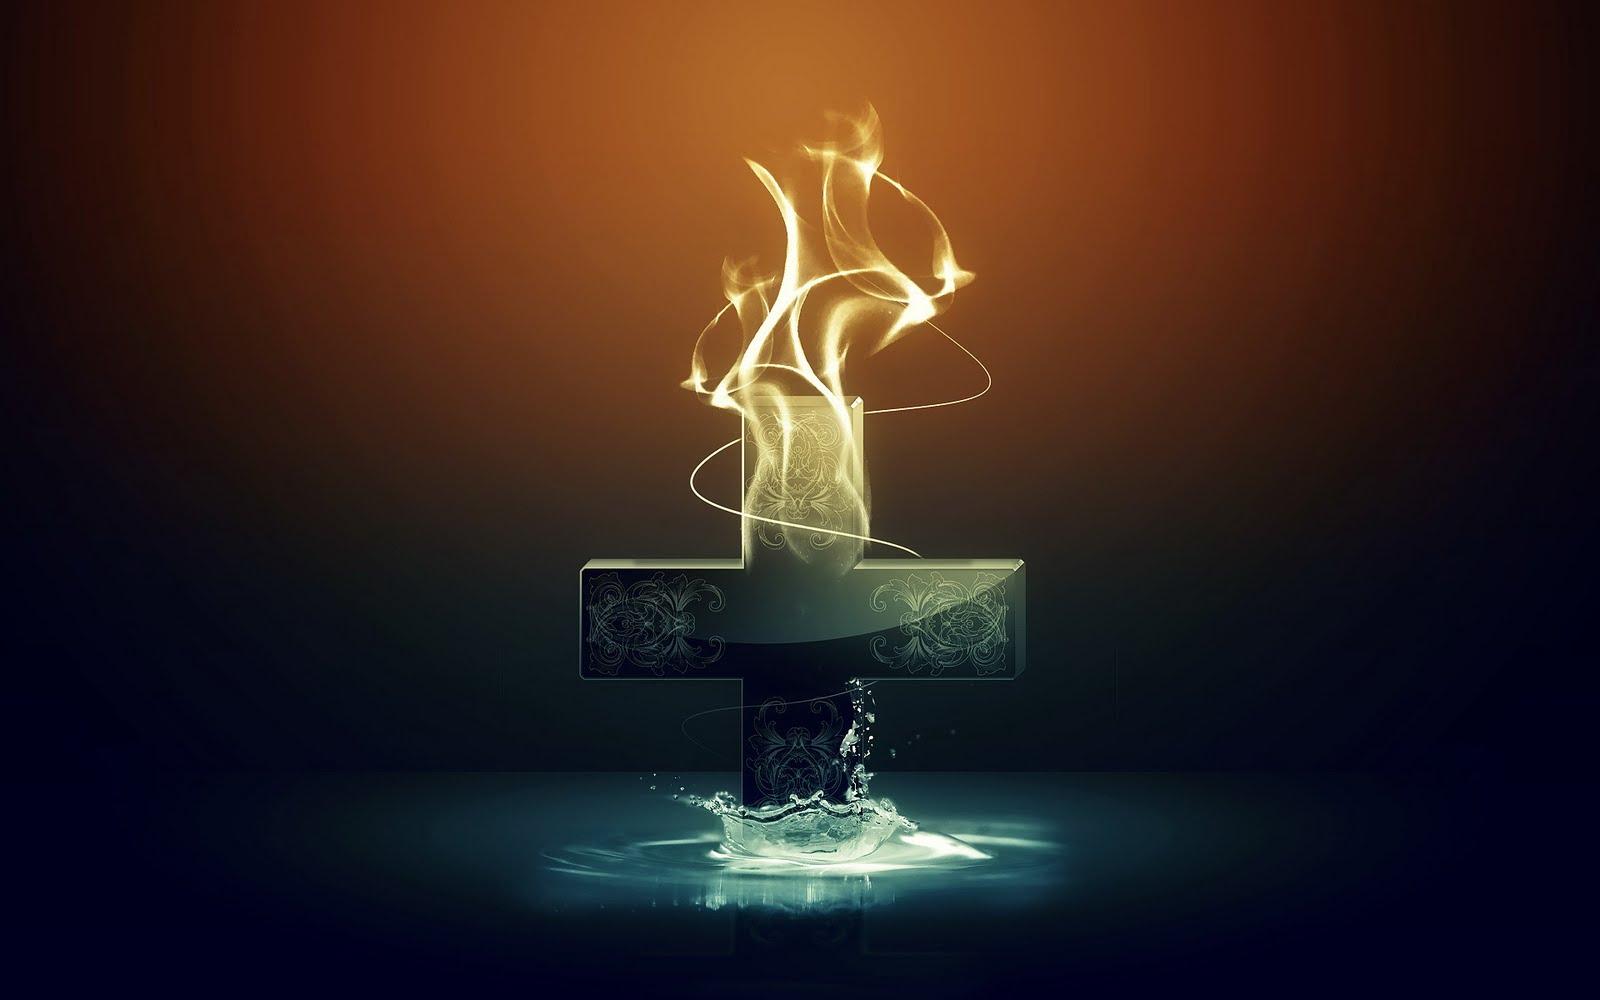 Imagem de Fundo - Cruz em chamas | Imagens de Fundo